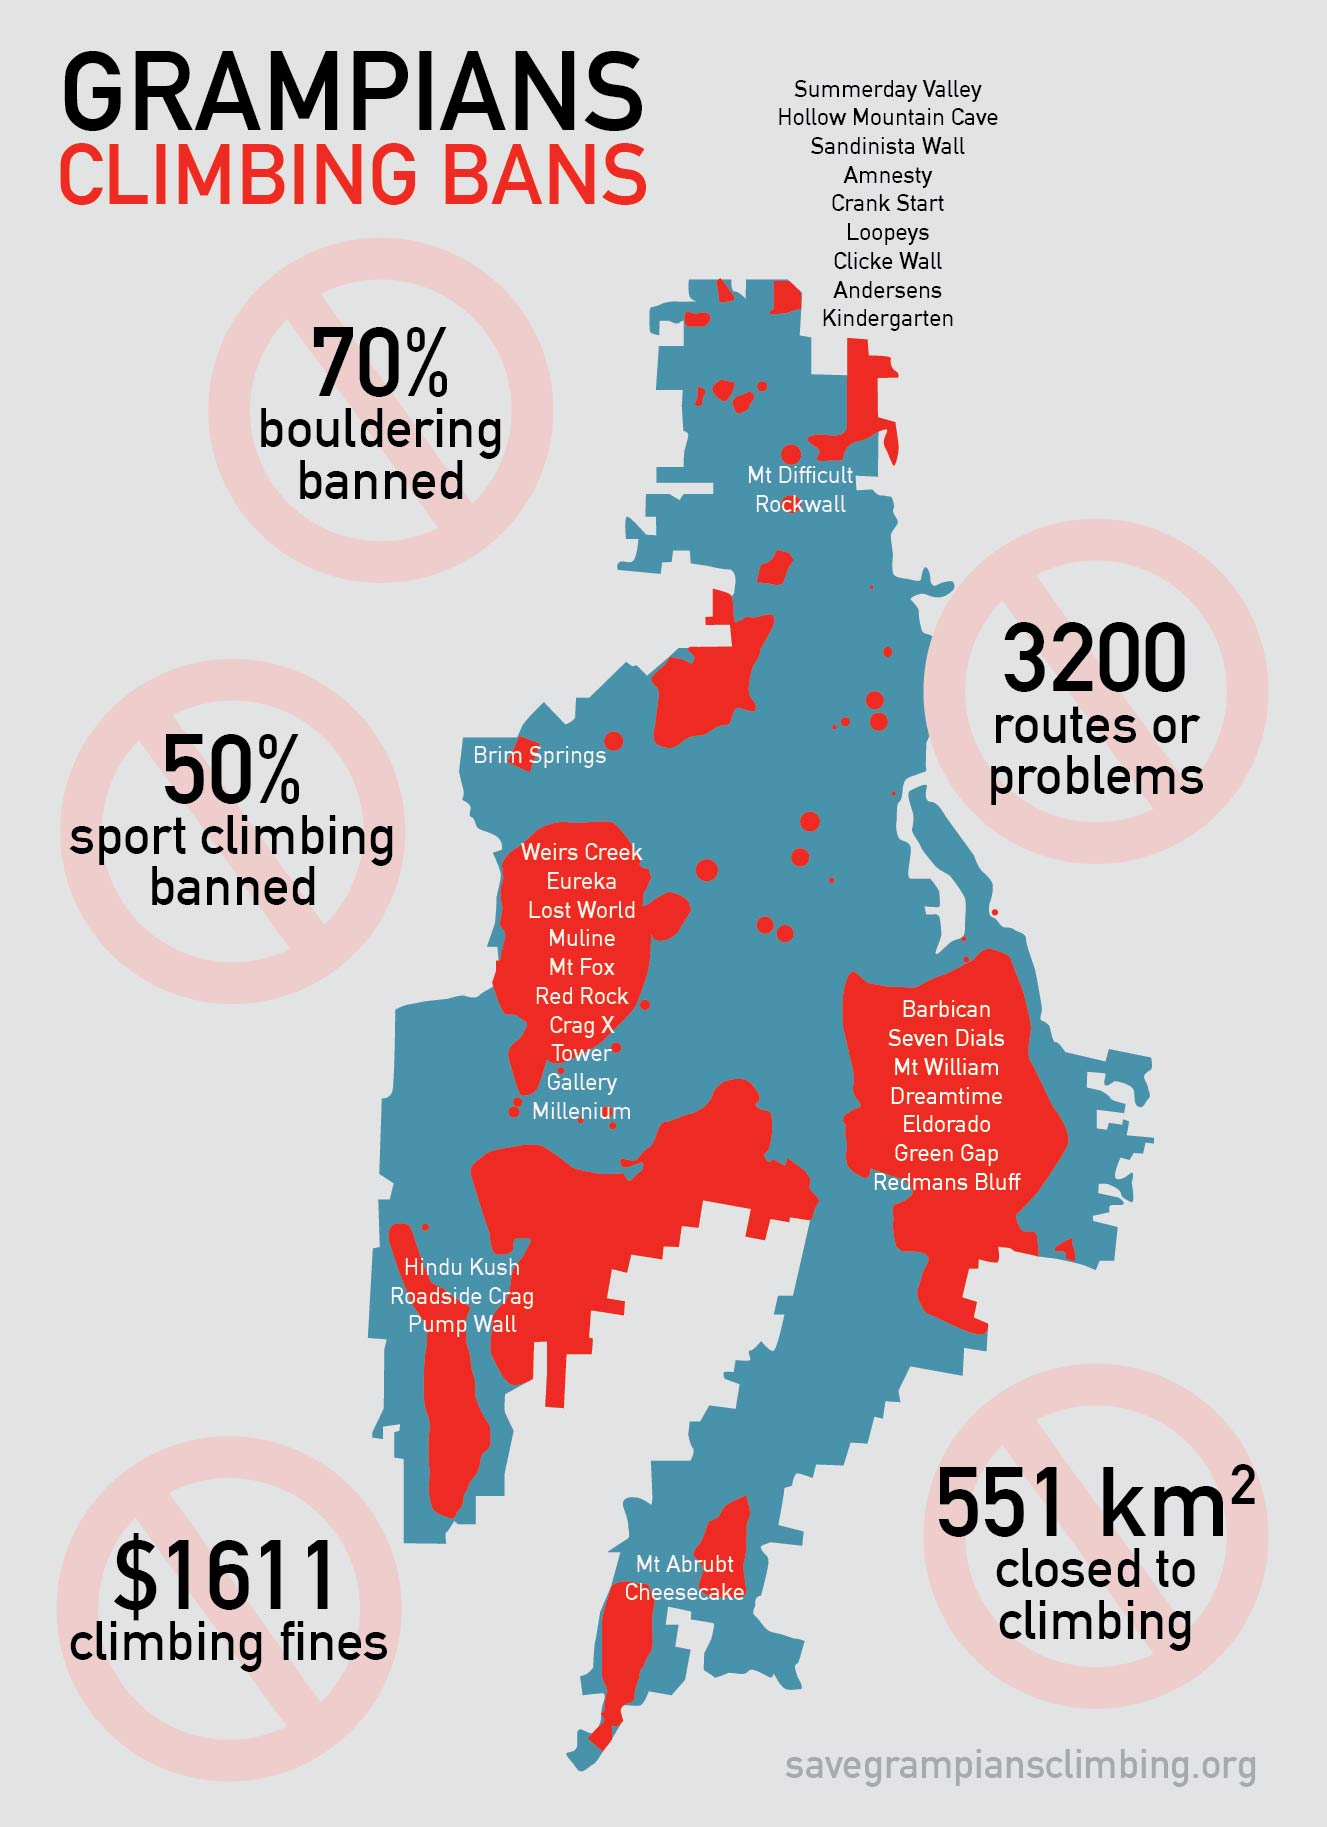 Grampians Climbing ban extent